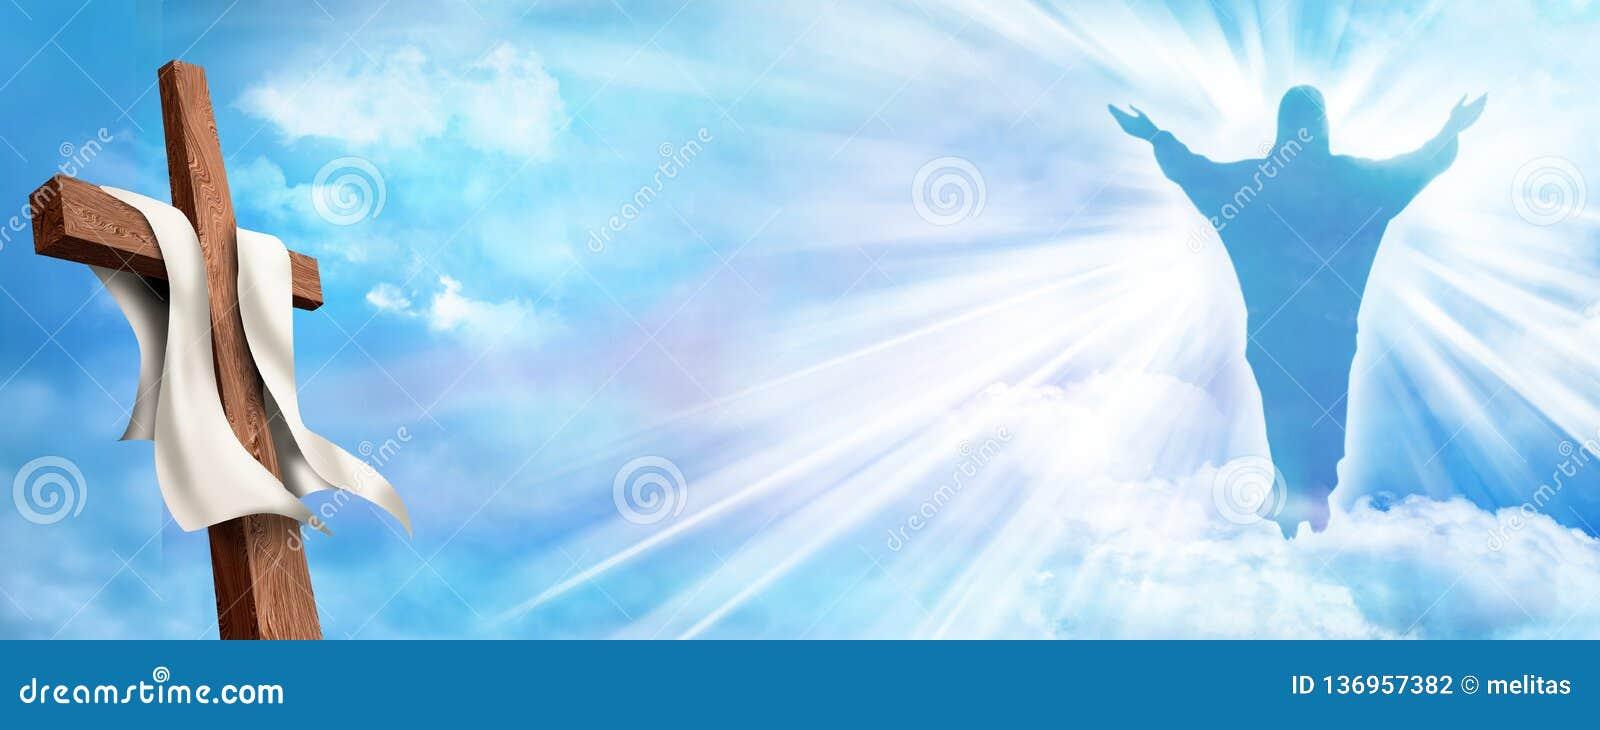 网横幅复活 基督徒十字架有上升的耶稣基督和云彩天空背景 在死亡以后的生活